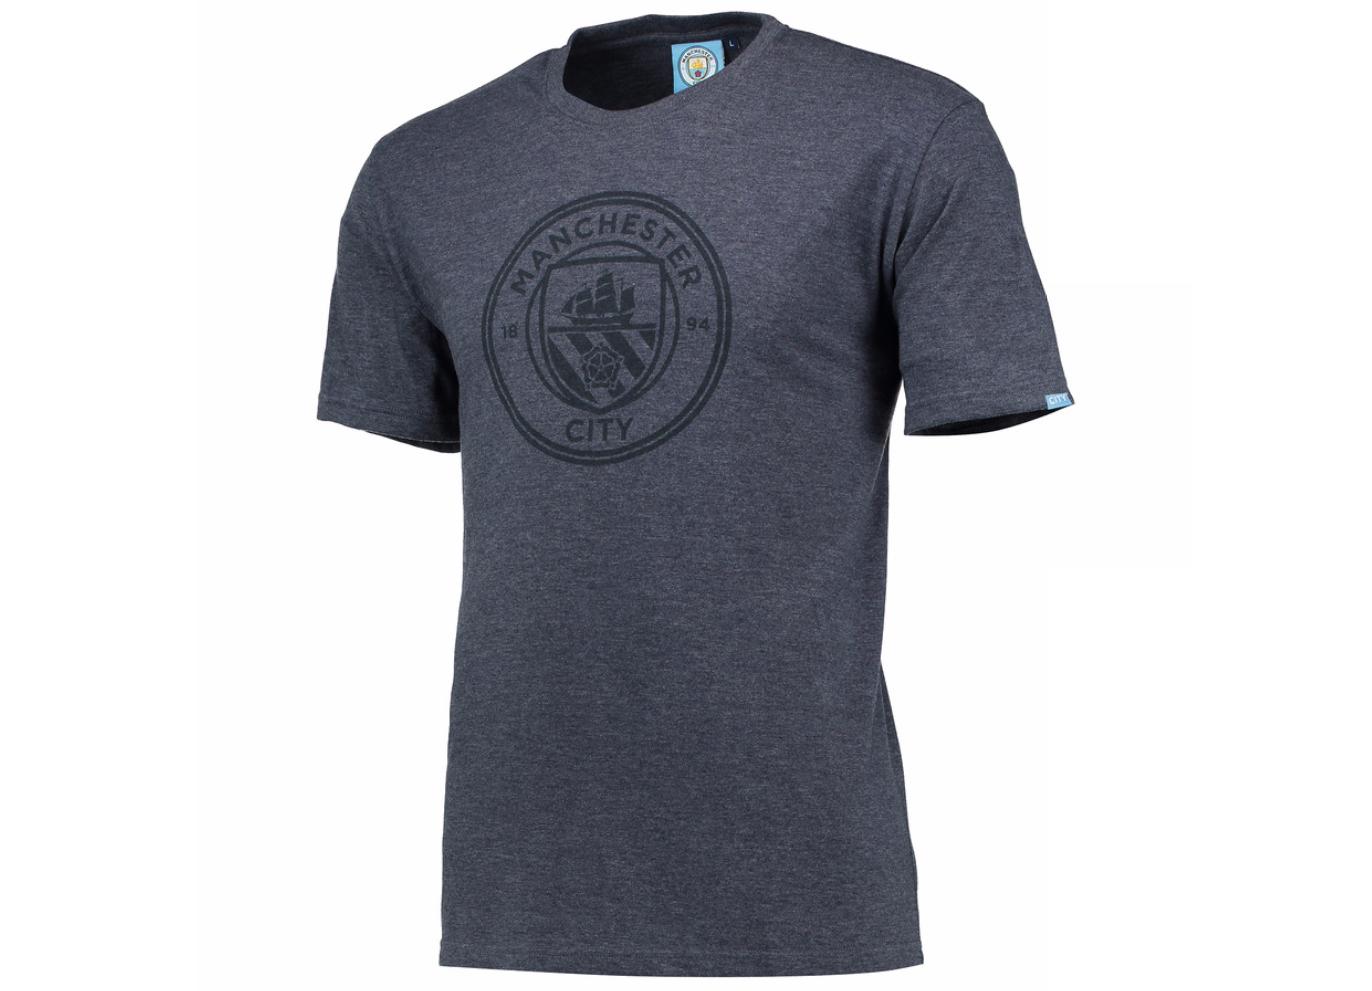 เสื้อแมนเชสเตอร์ ซิตี้ของแท้ Manchester City Printed Crest T-Shirt